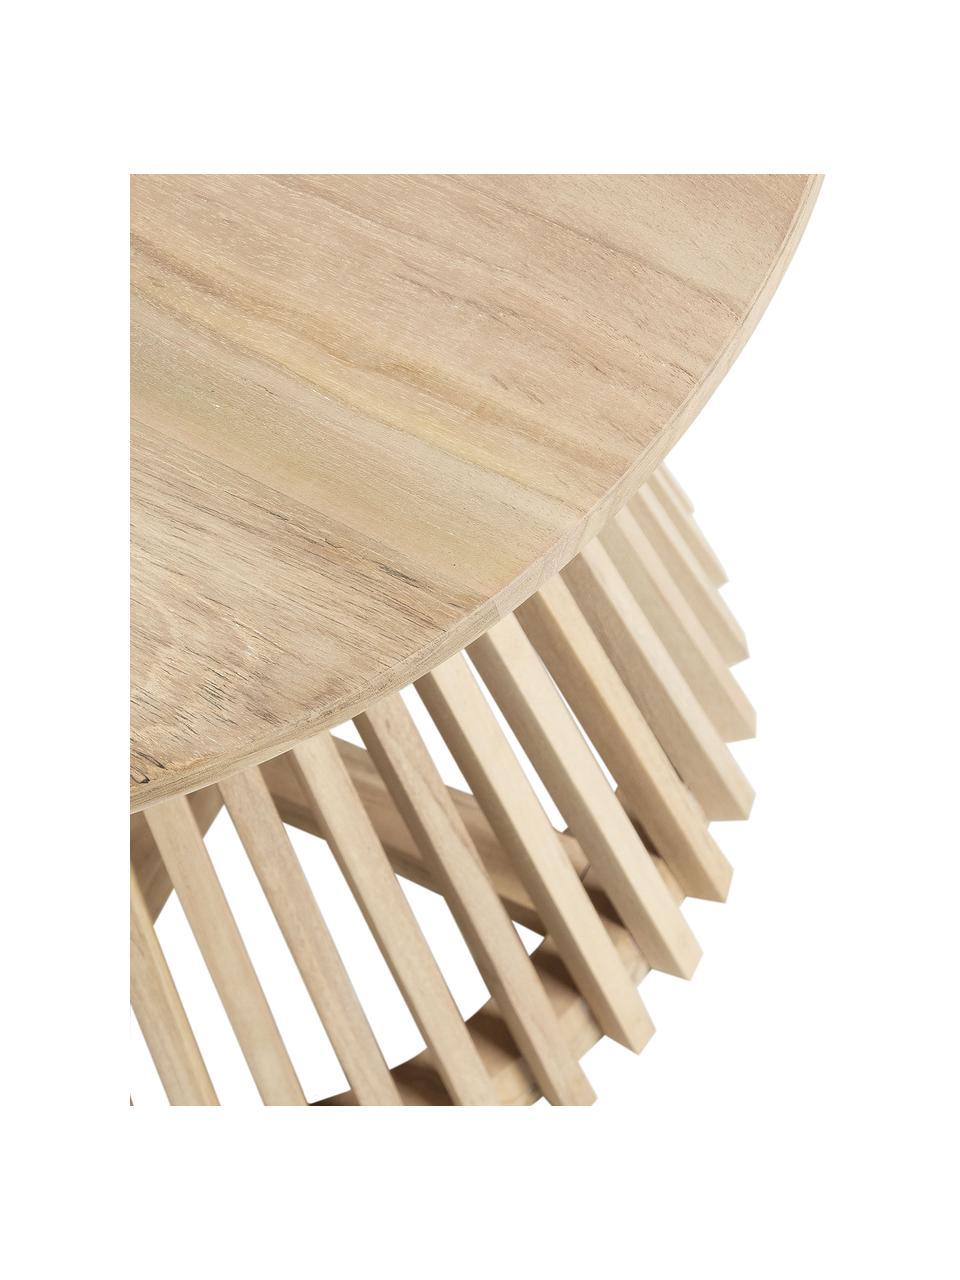 Okrągły stolik pomocniczy z drewna Jeanette, Drewno tekowe lakierowane, Drewno tekowe, Ø 50 x W 48 cm